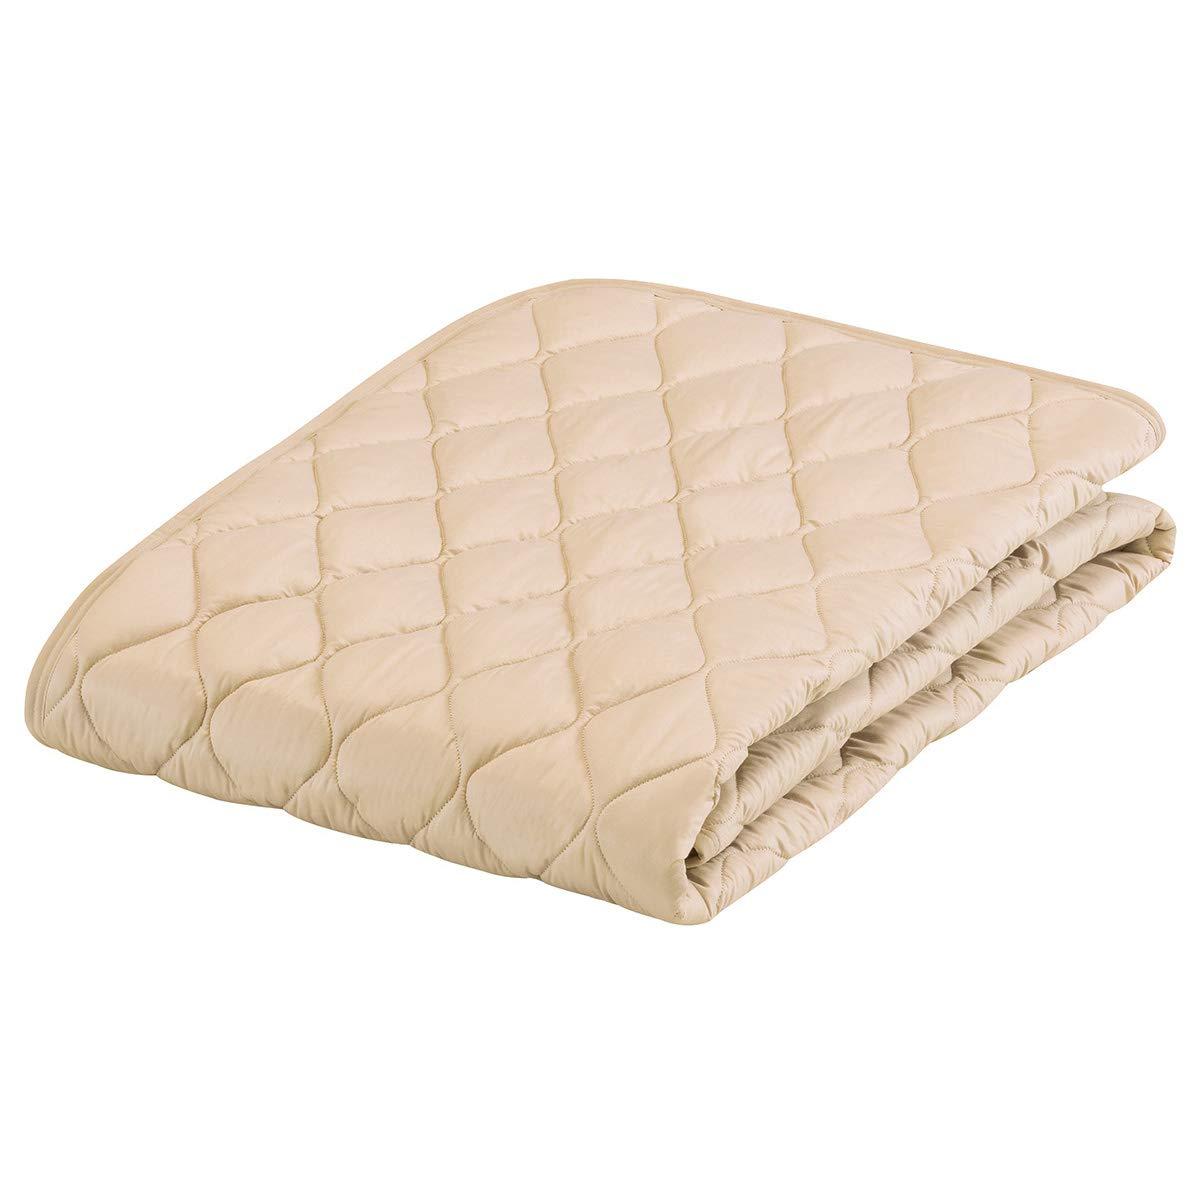 フランスベッド ベットパッド ベージュ ワイドダブル グッドスリーププラス 羊毛パッド 36011660 B01MG2VPWV